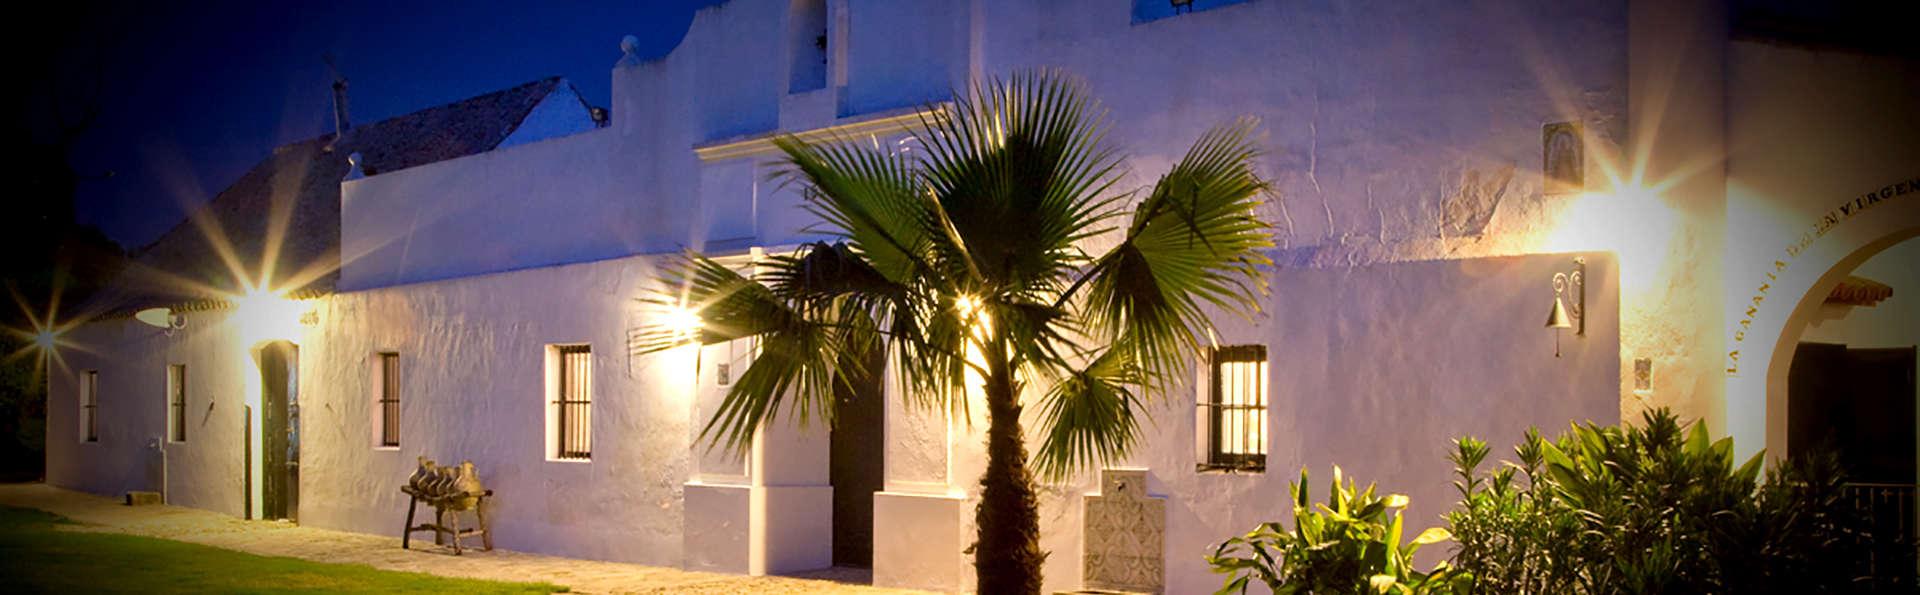 Relax&Naturaleza: en este Cortijo de Vejer de la Frontera, Cádiz